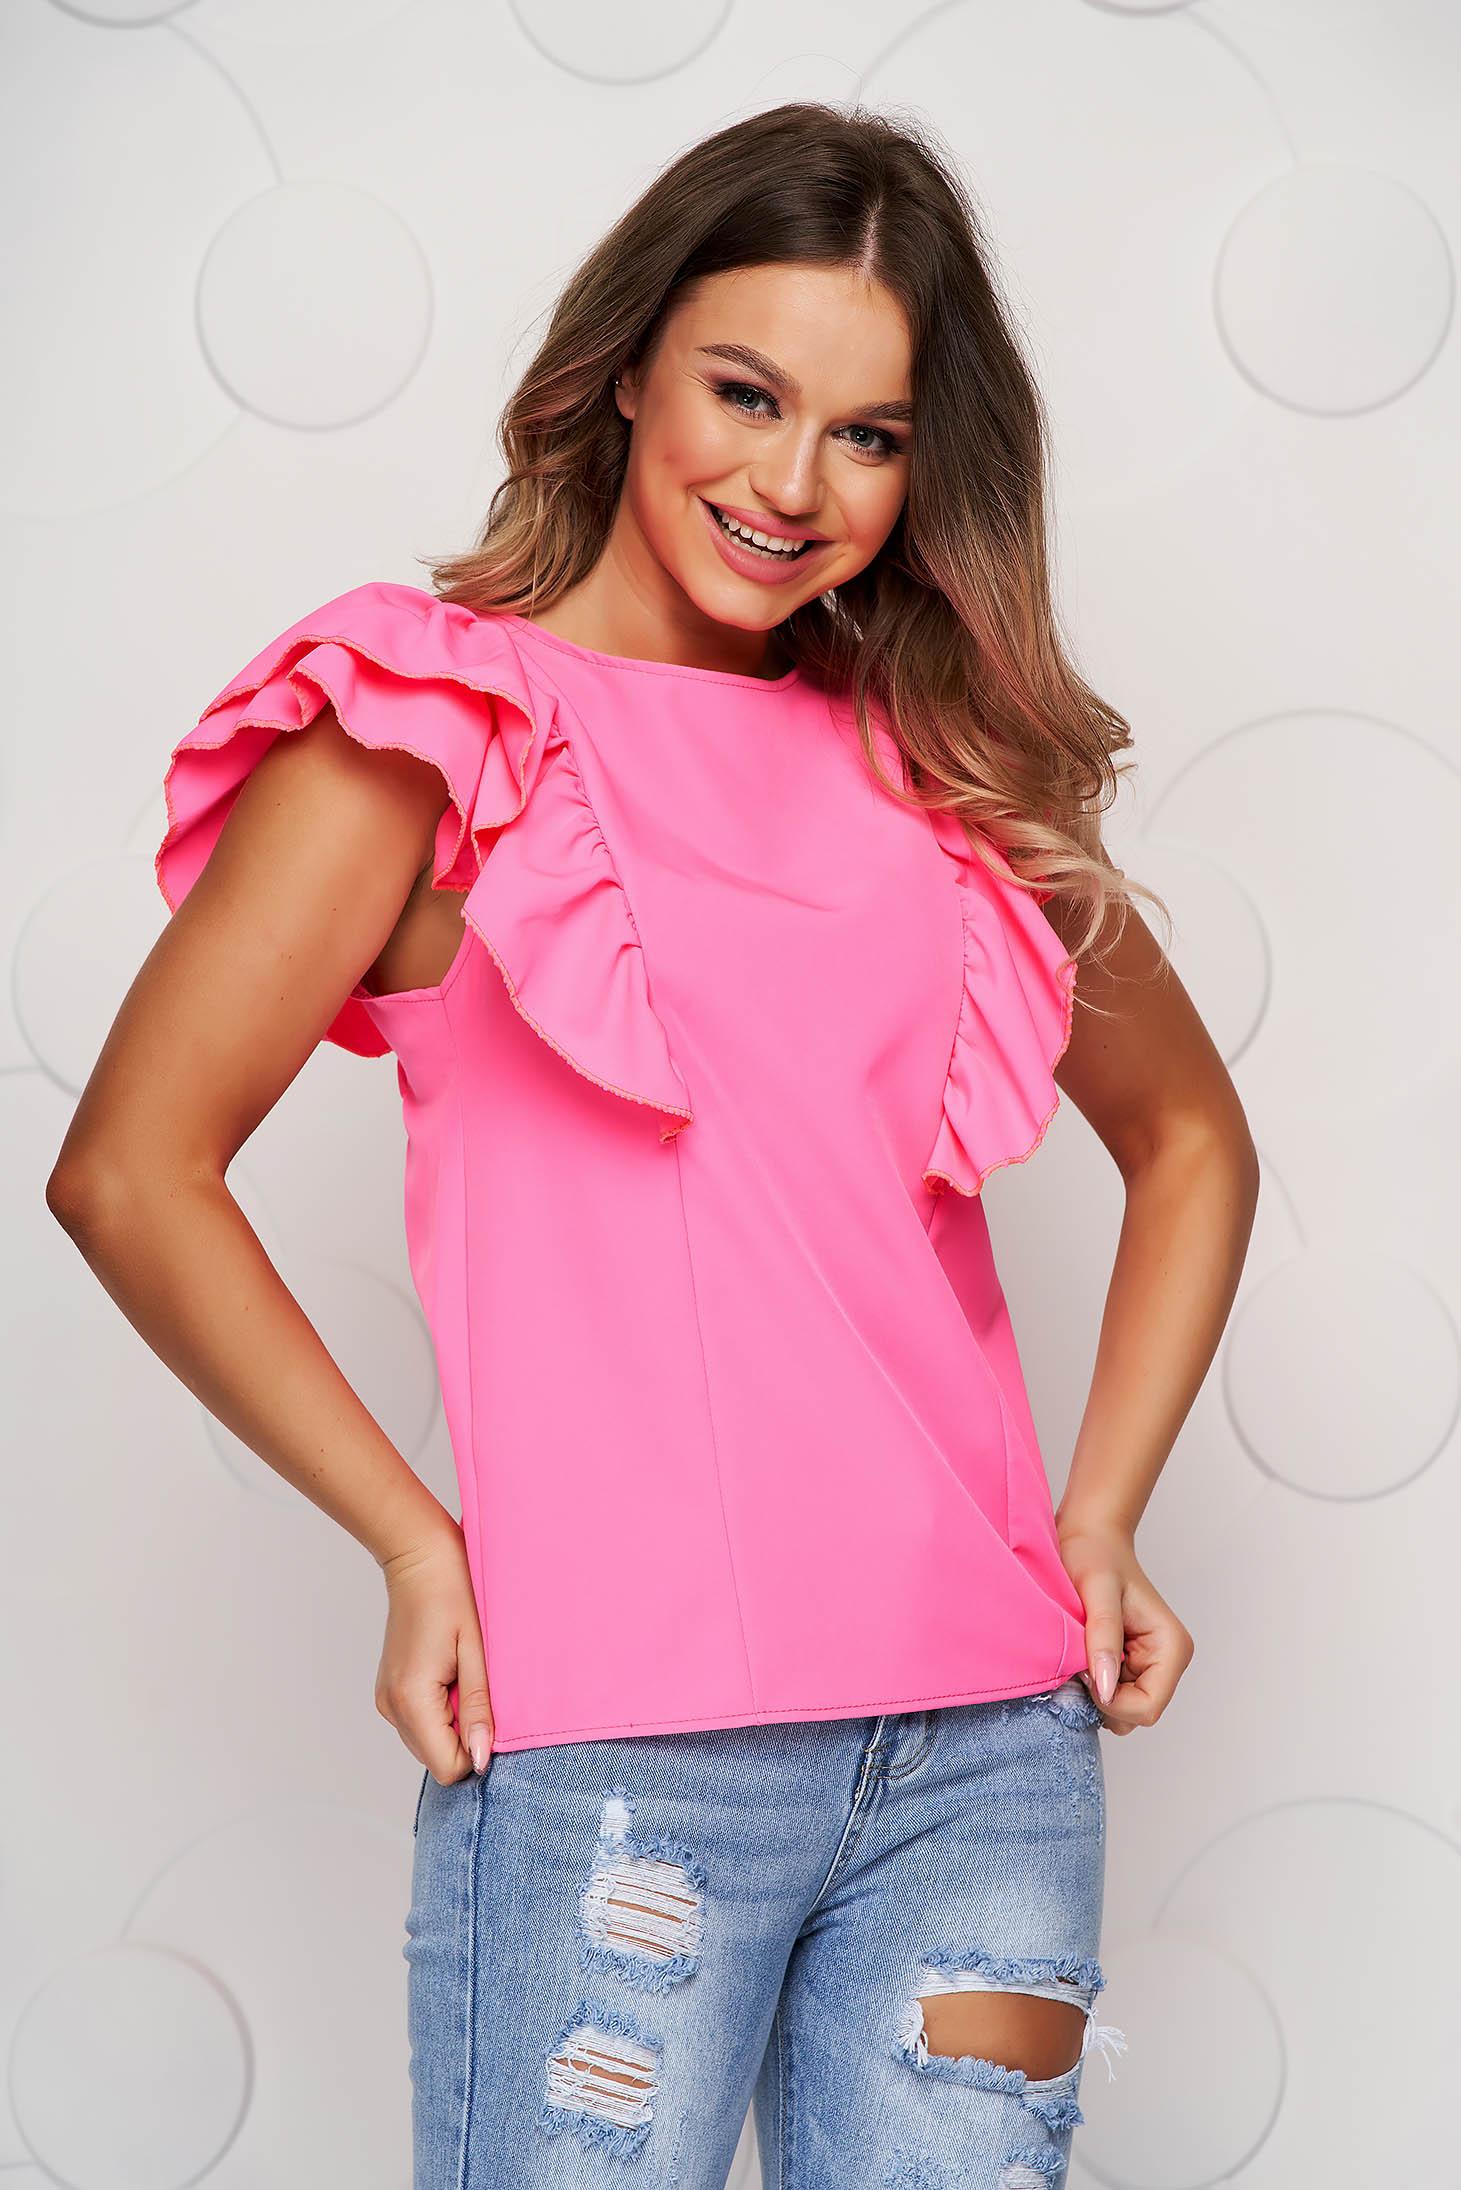 Bluza dama roz cu volanasecu cu spatele decupat si croi larg